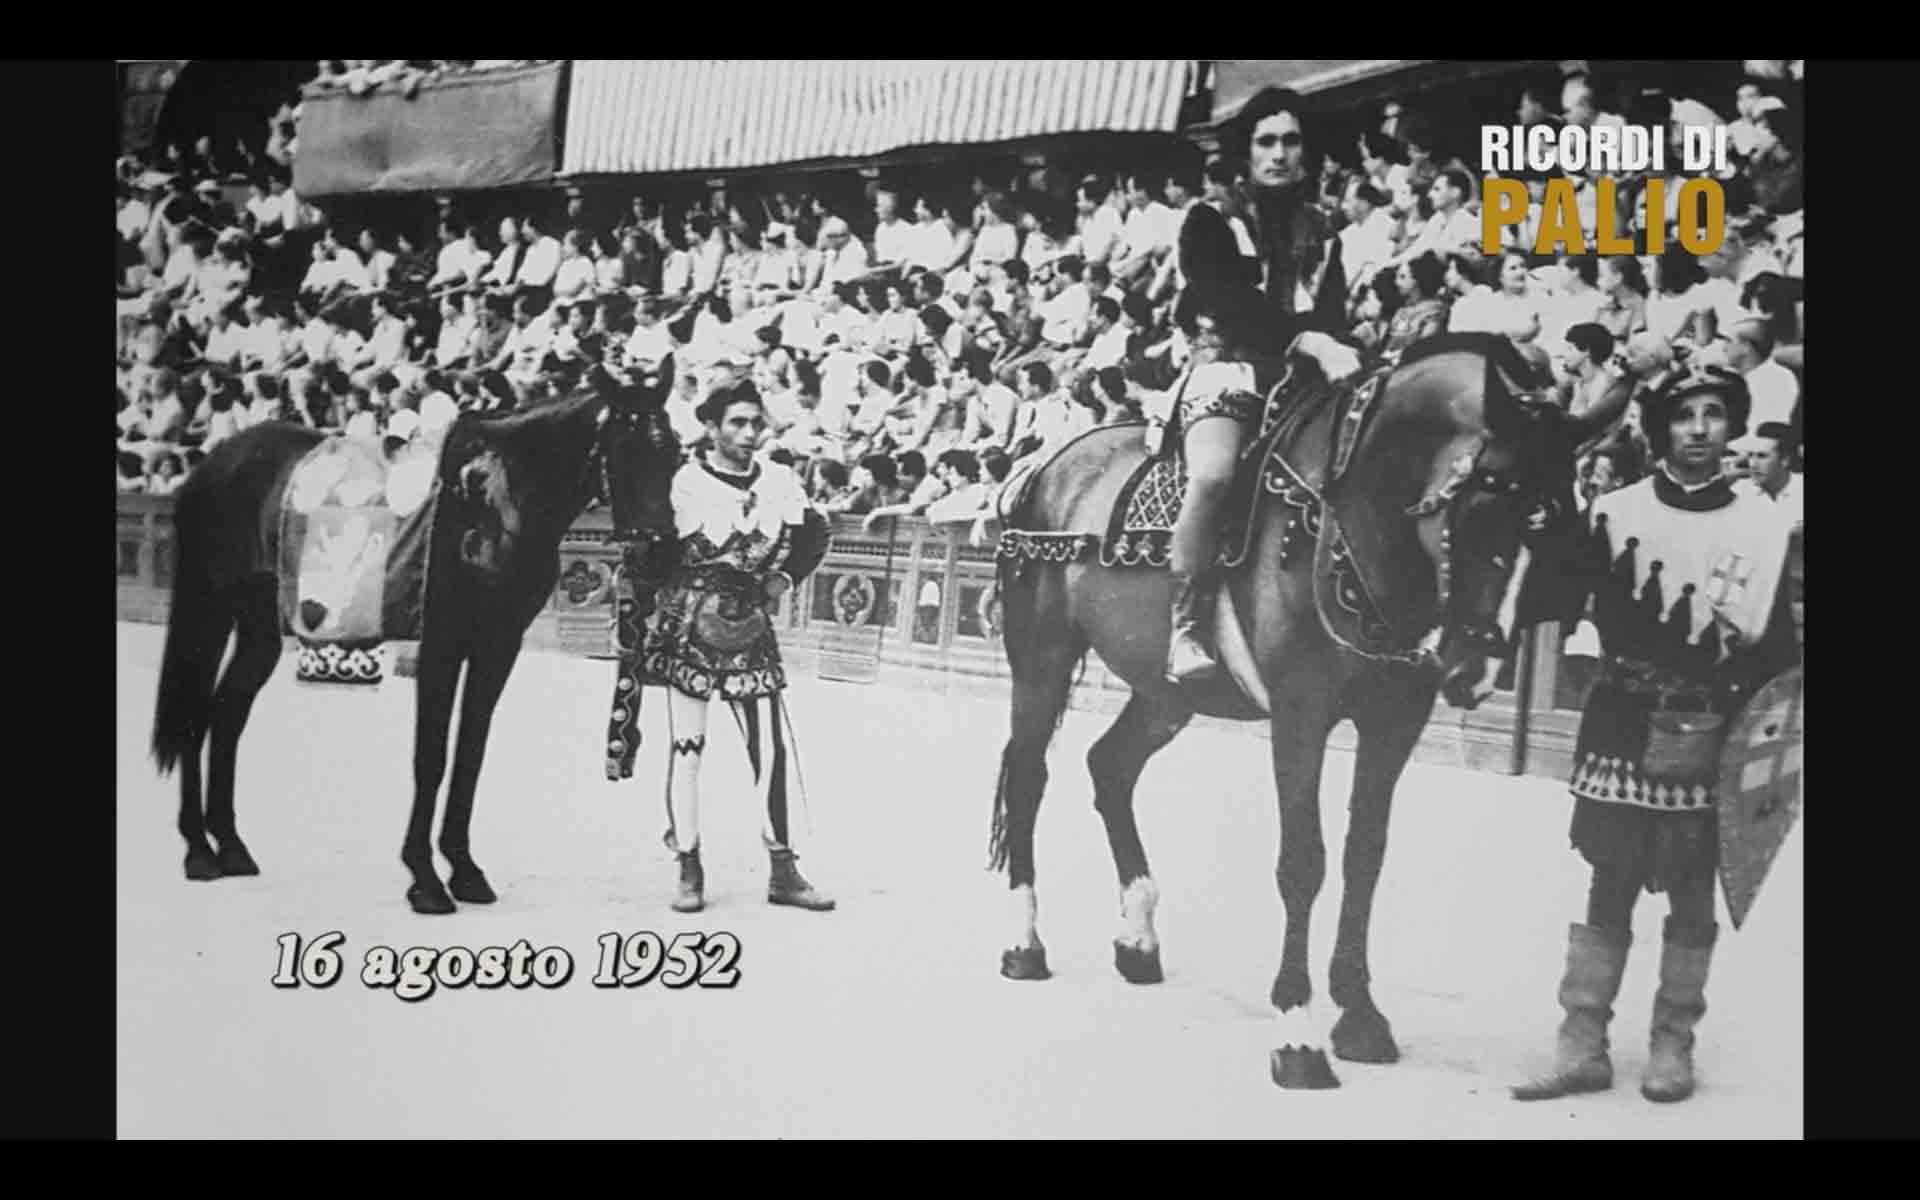 Il Corteo Storico del Palio del 16 agosto 1952 con Remo Antonetti detto Rompighiaccio e Niduzza nella Nobile Contrada dell'Oca